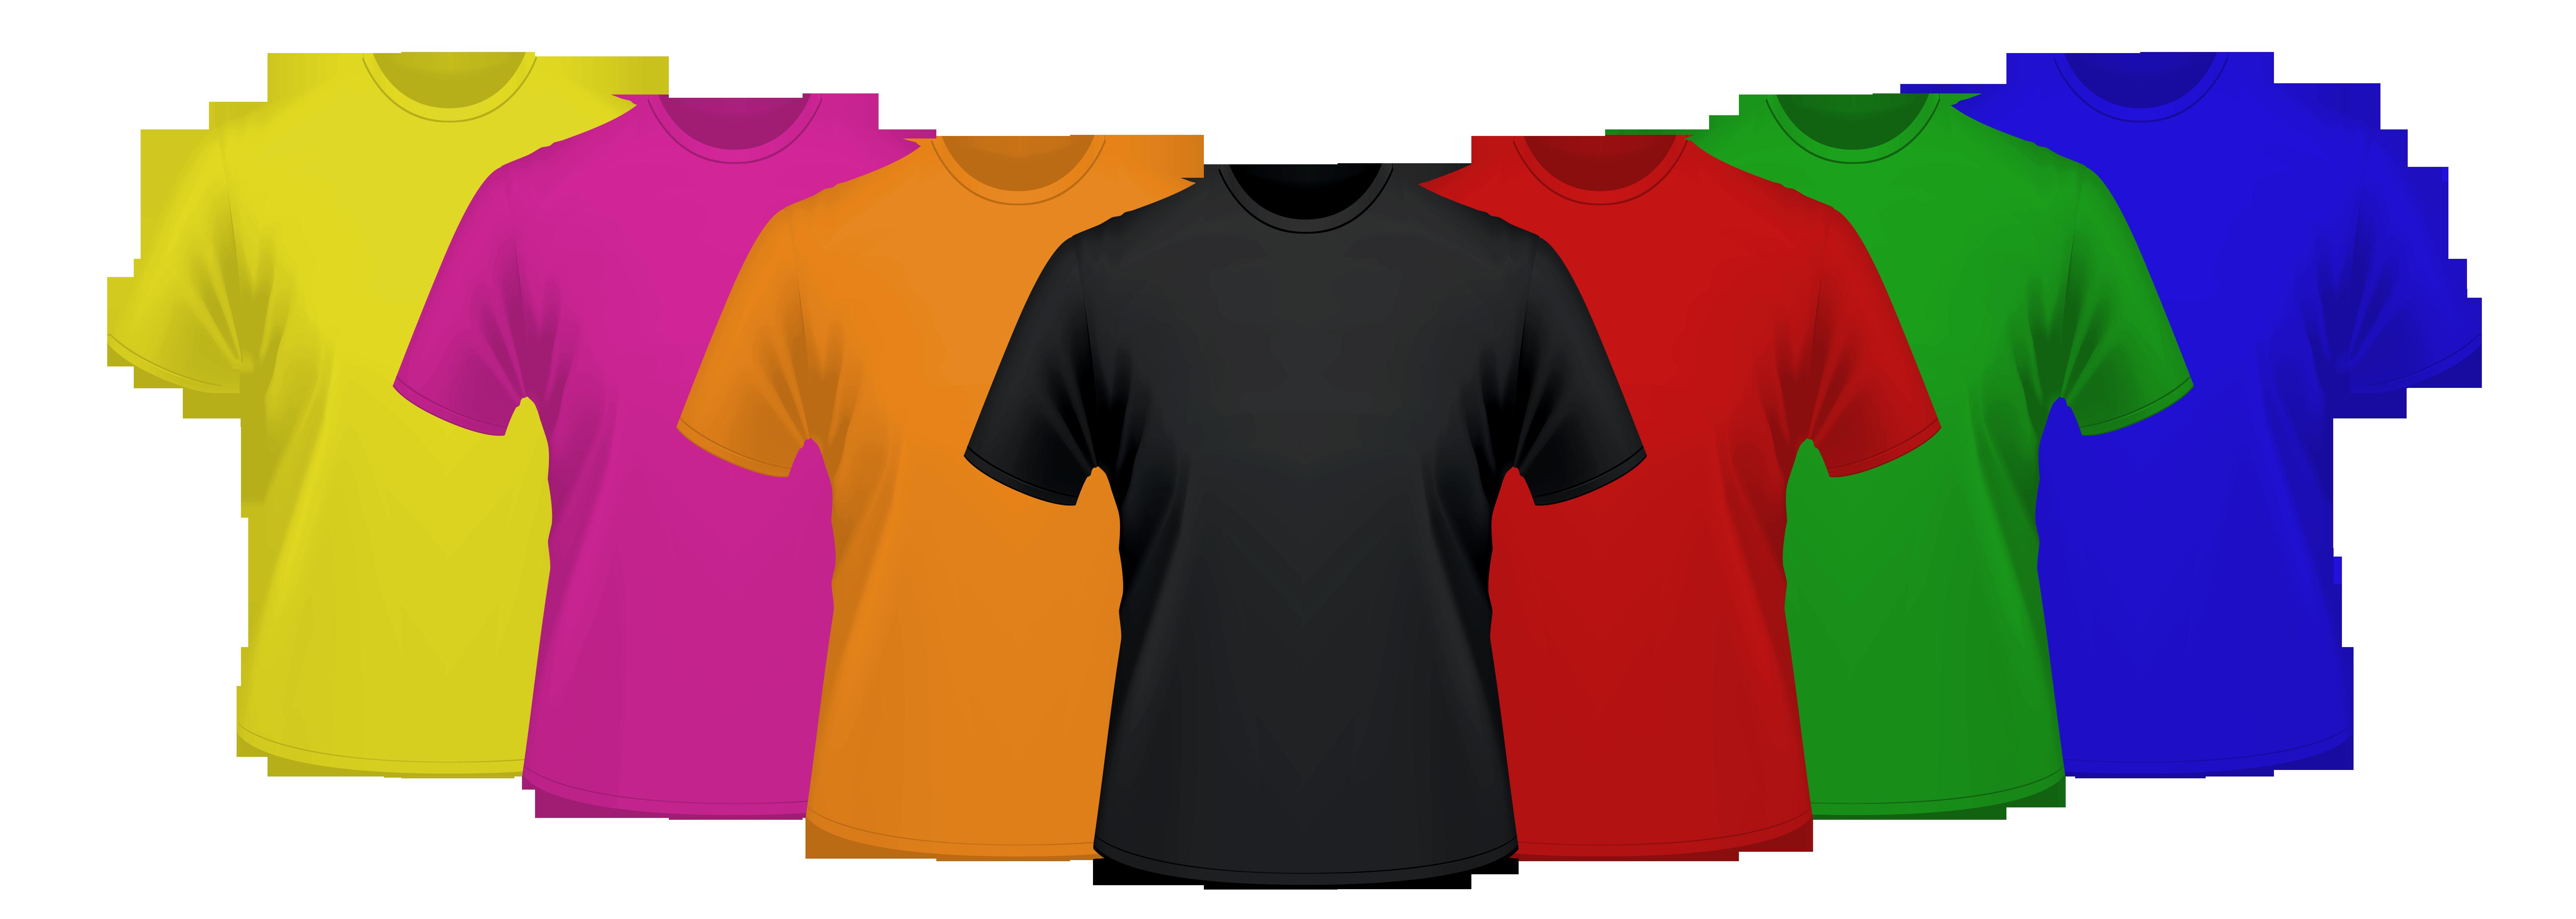 best website fc174 7eda7 Scegliere magliette personalizzate online